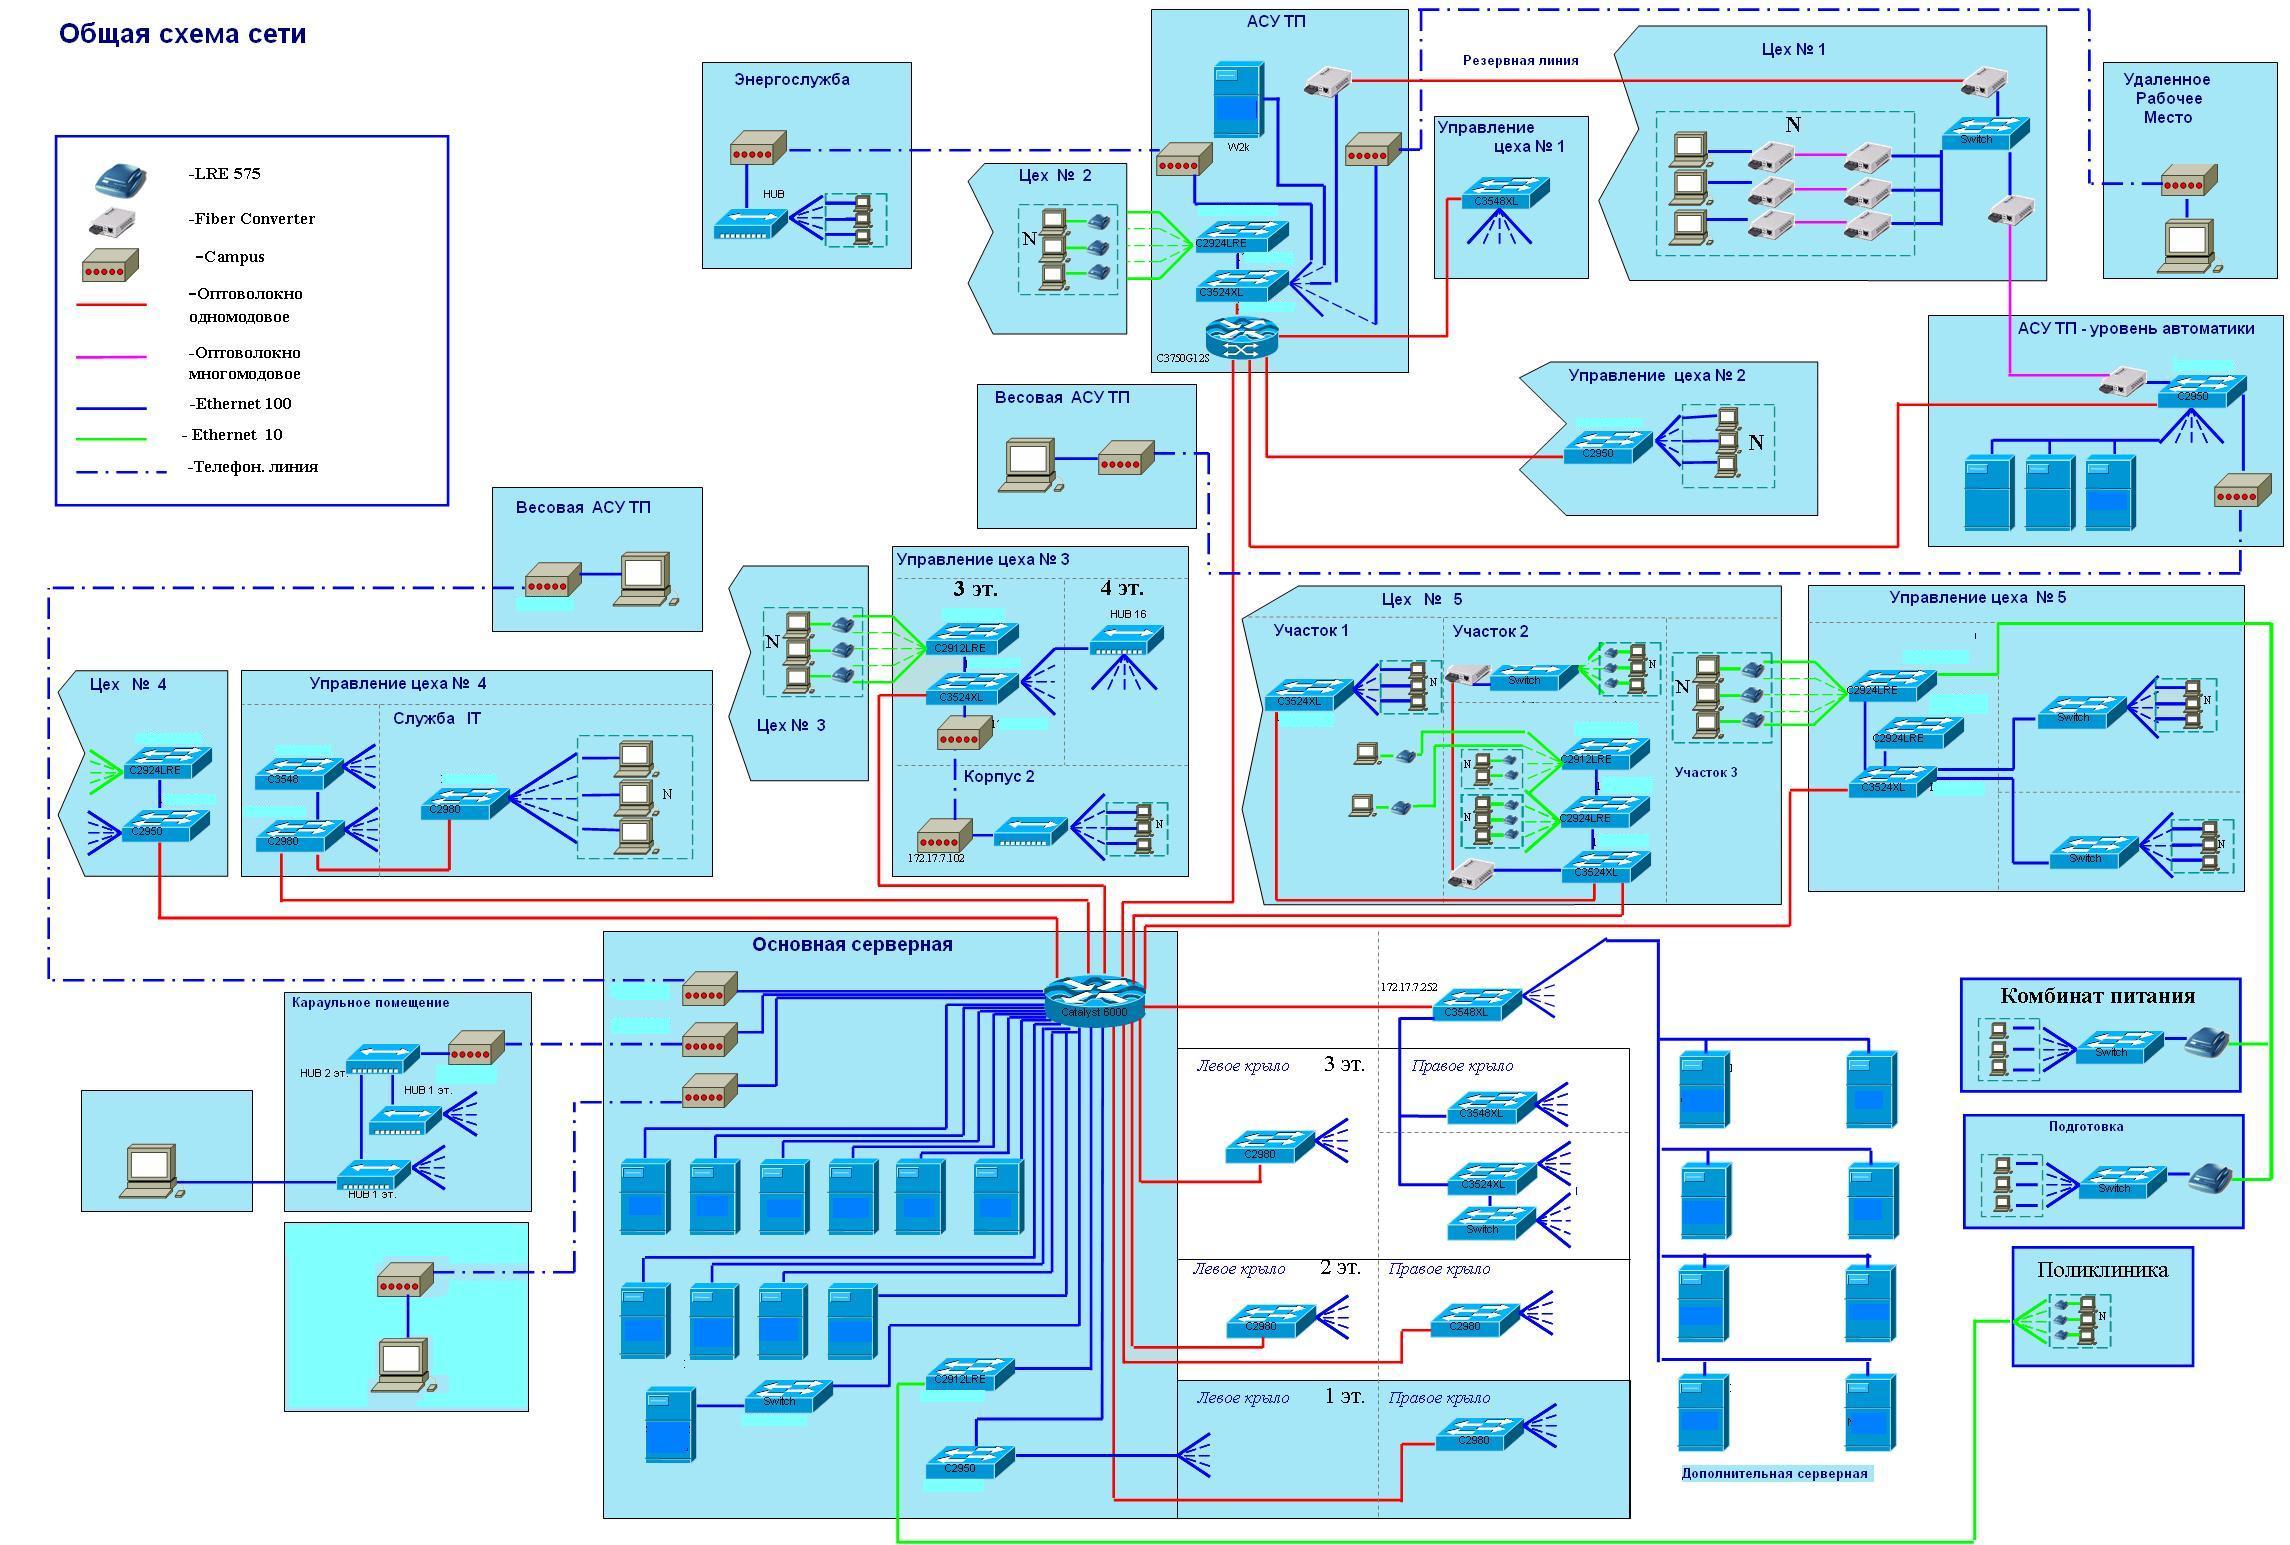 Кабельная сеть структурная схема